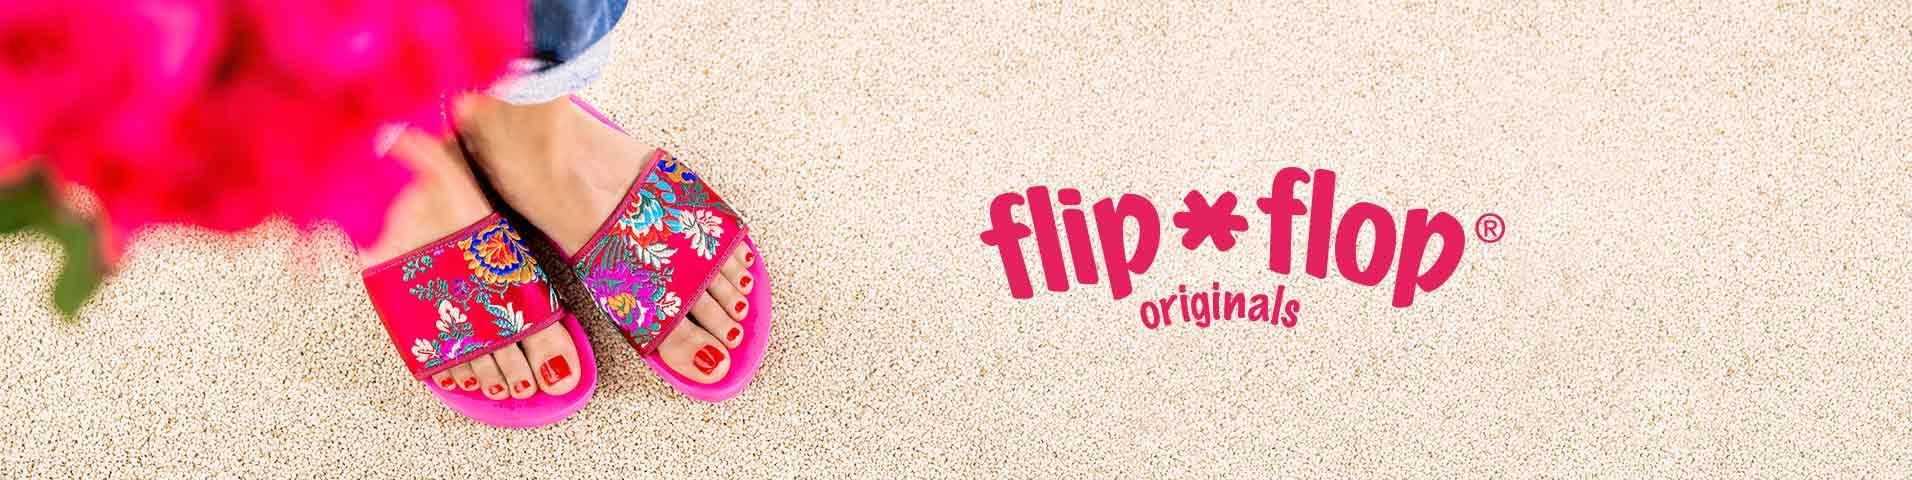 Flip*flop Damenschuhe online | Aktuelle Kollektionen von Top